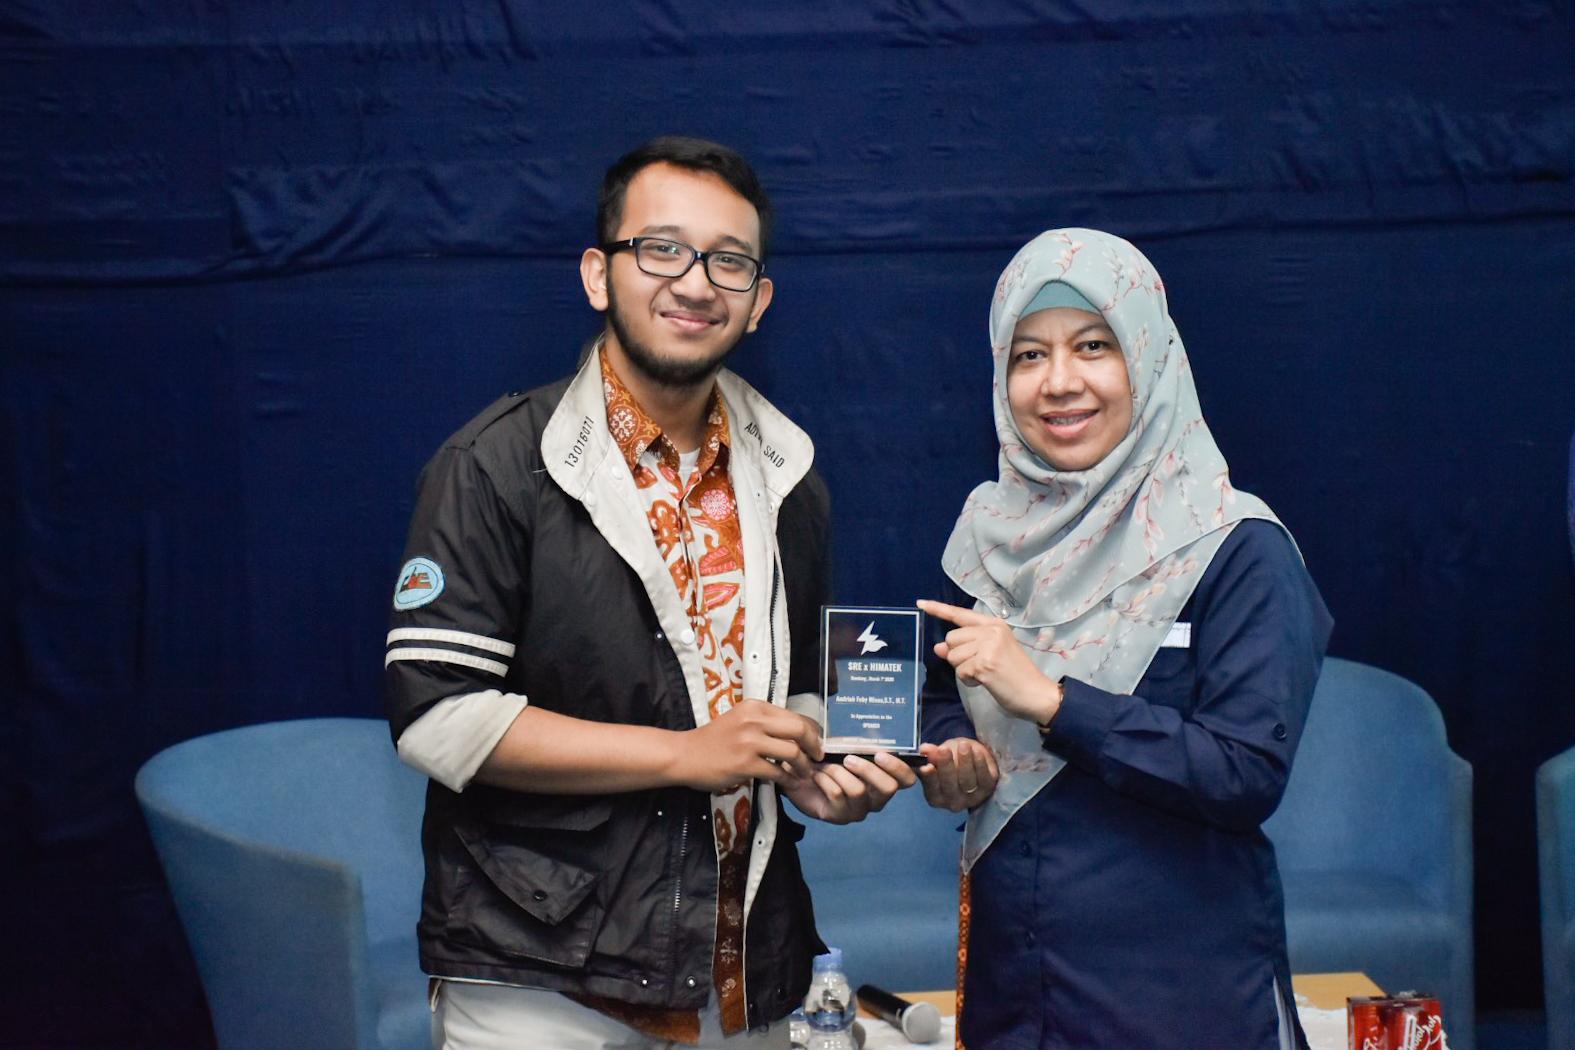 Direktur Bioenergi, Andriah Feby Misna menerima cenderamata dari perwakilan panitia pelaksana seminar Society of Renewable Energy di Kampus ITB, Bandung. (07/03/2020)